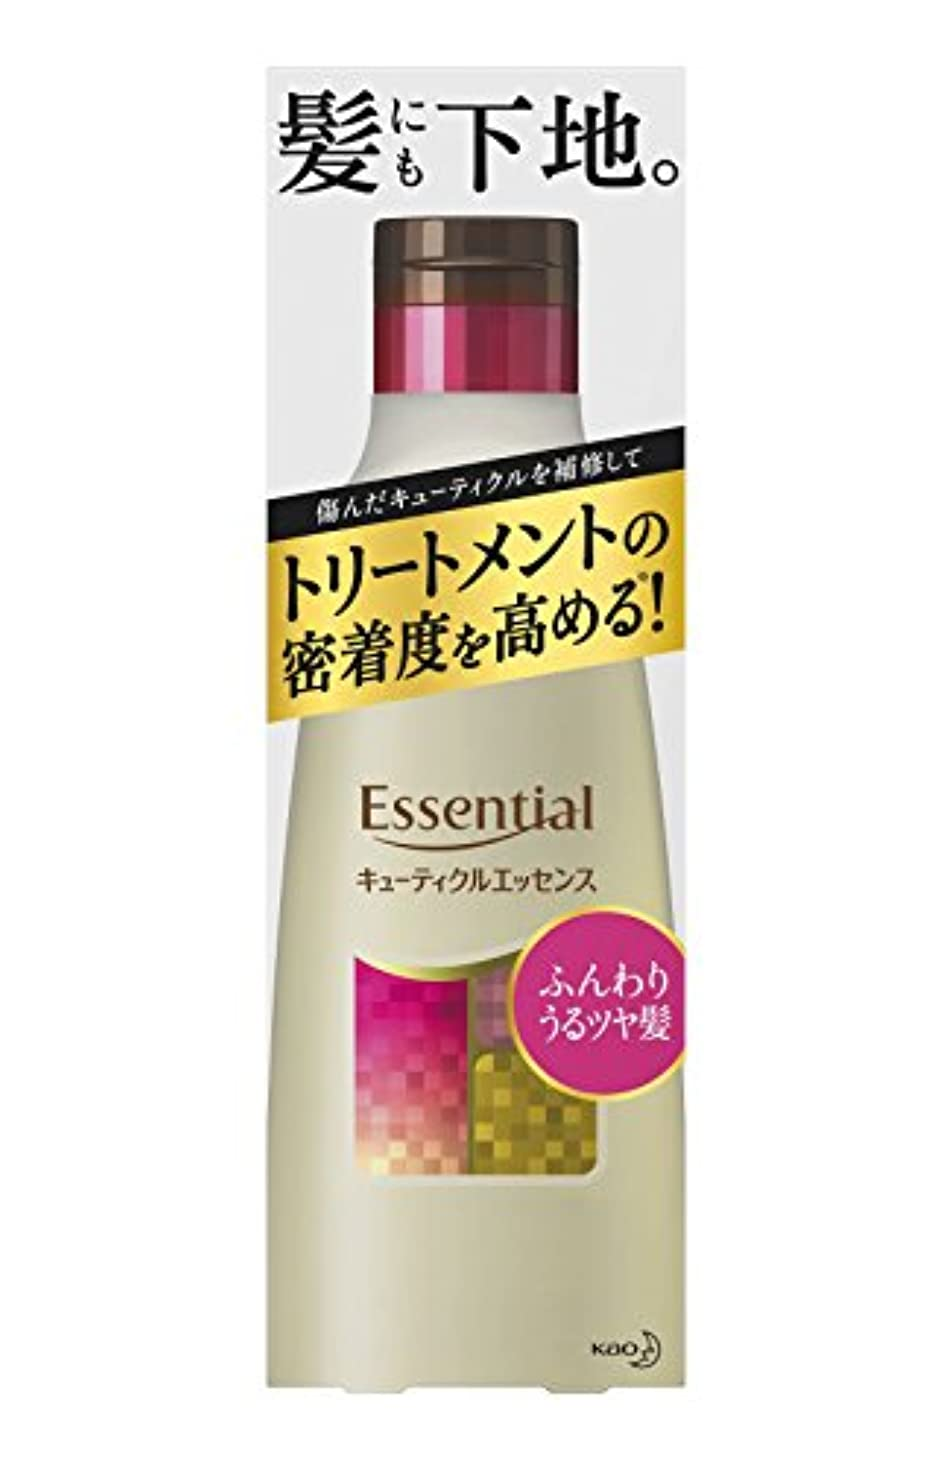 アグネスグレイ頬骨戸棚エッセンシャル ふんわりうるツヤ髪 キューティクルエッセンス 250g (インバス用)